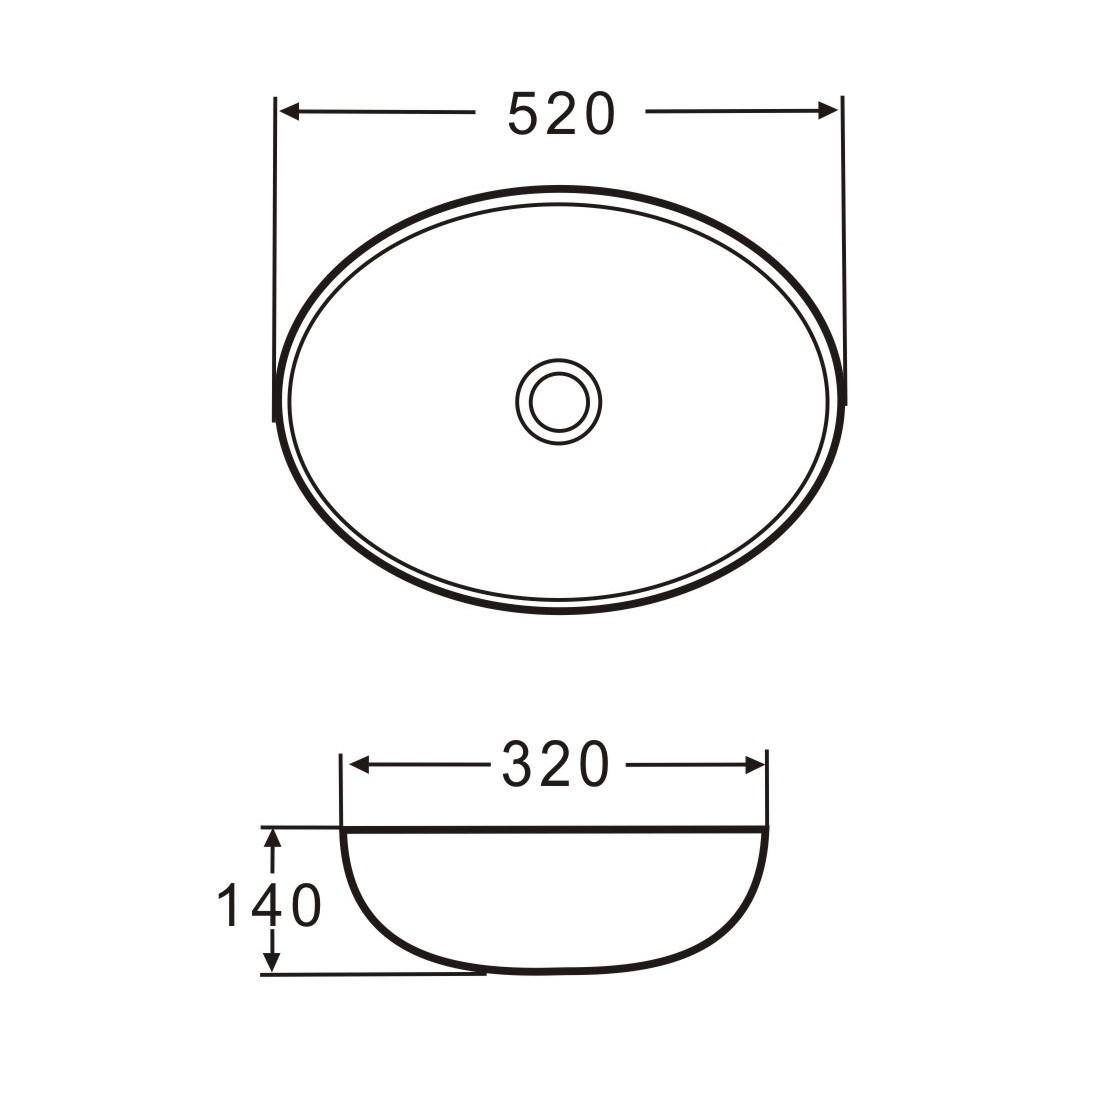 Aufsatz Keramik Waschbecken Park Brillant Weiß 52 cm